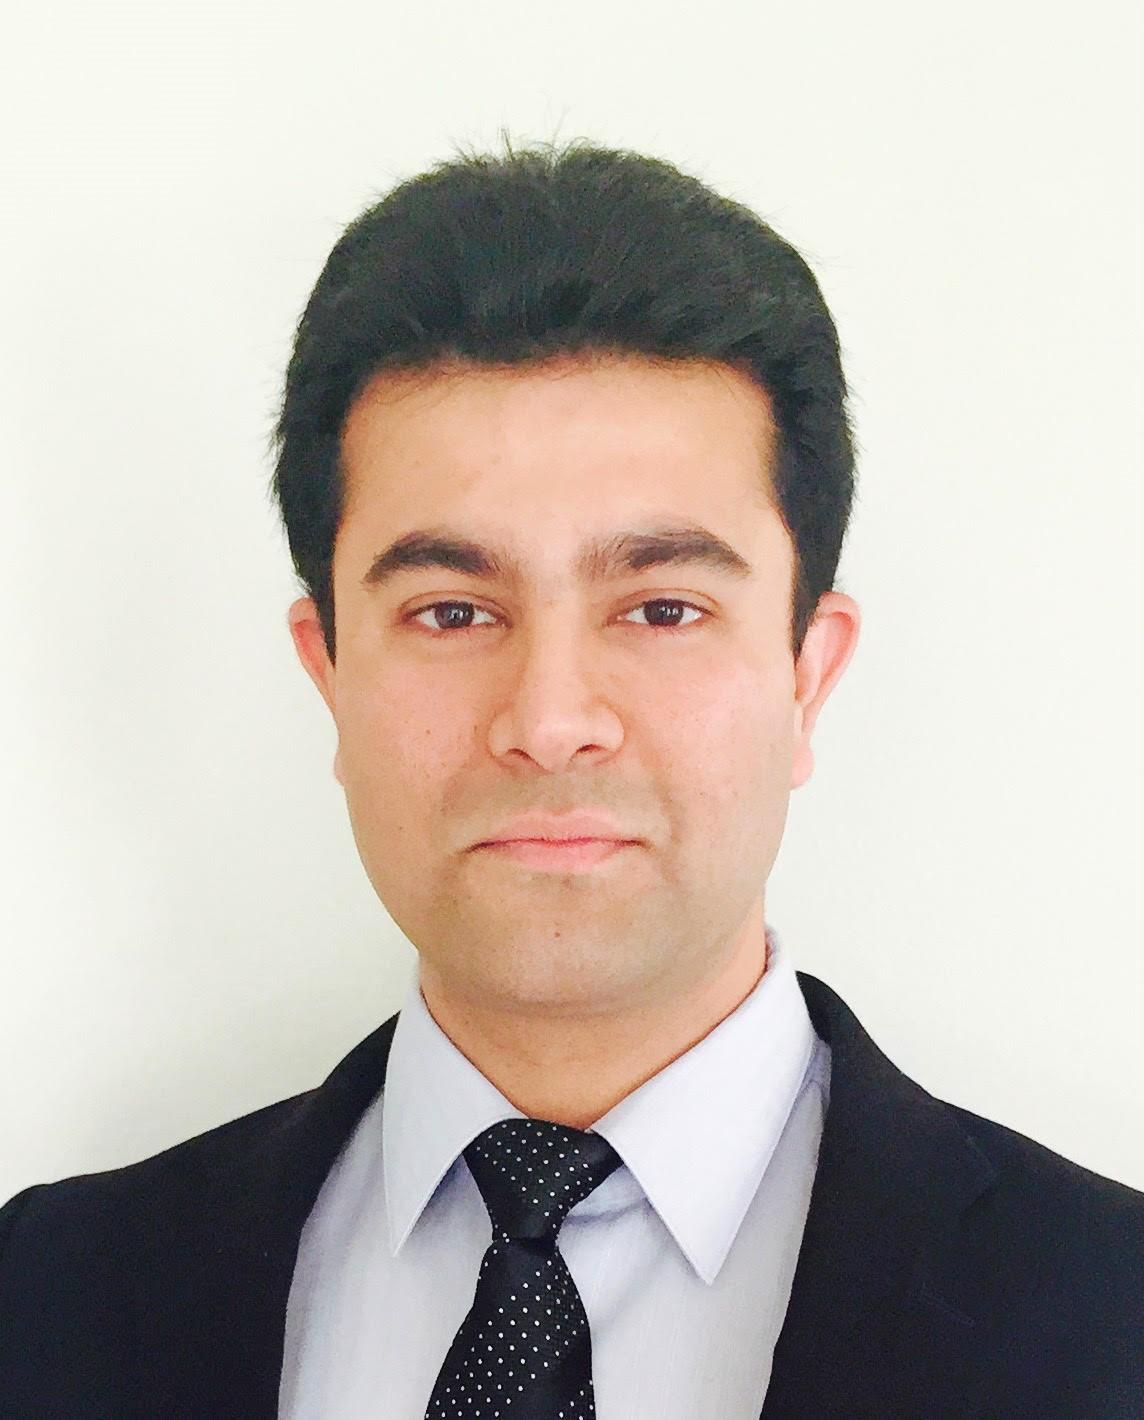 Gaurav Chhibar Headshot.jpg